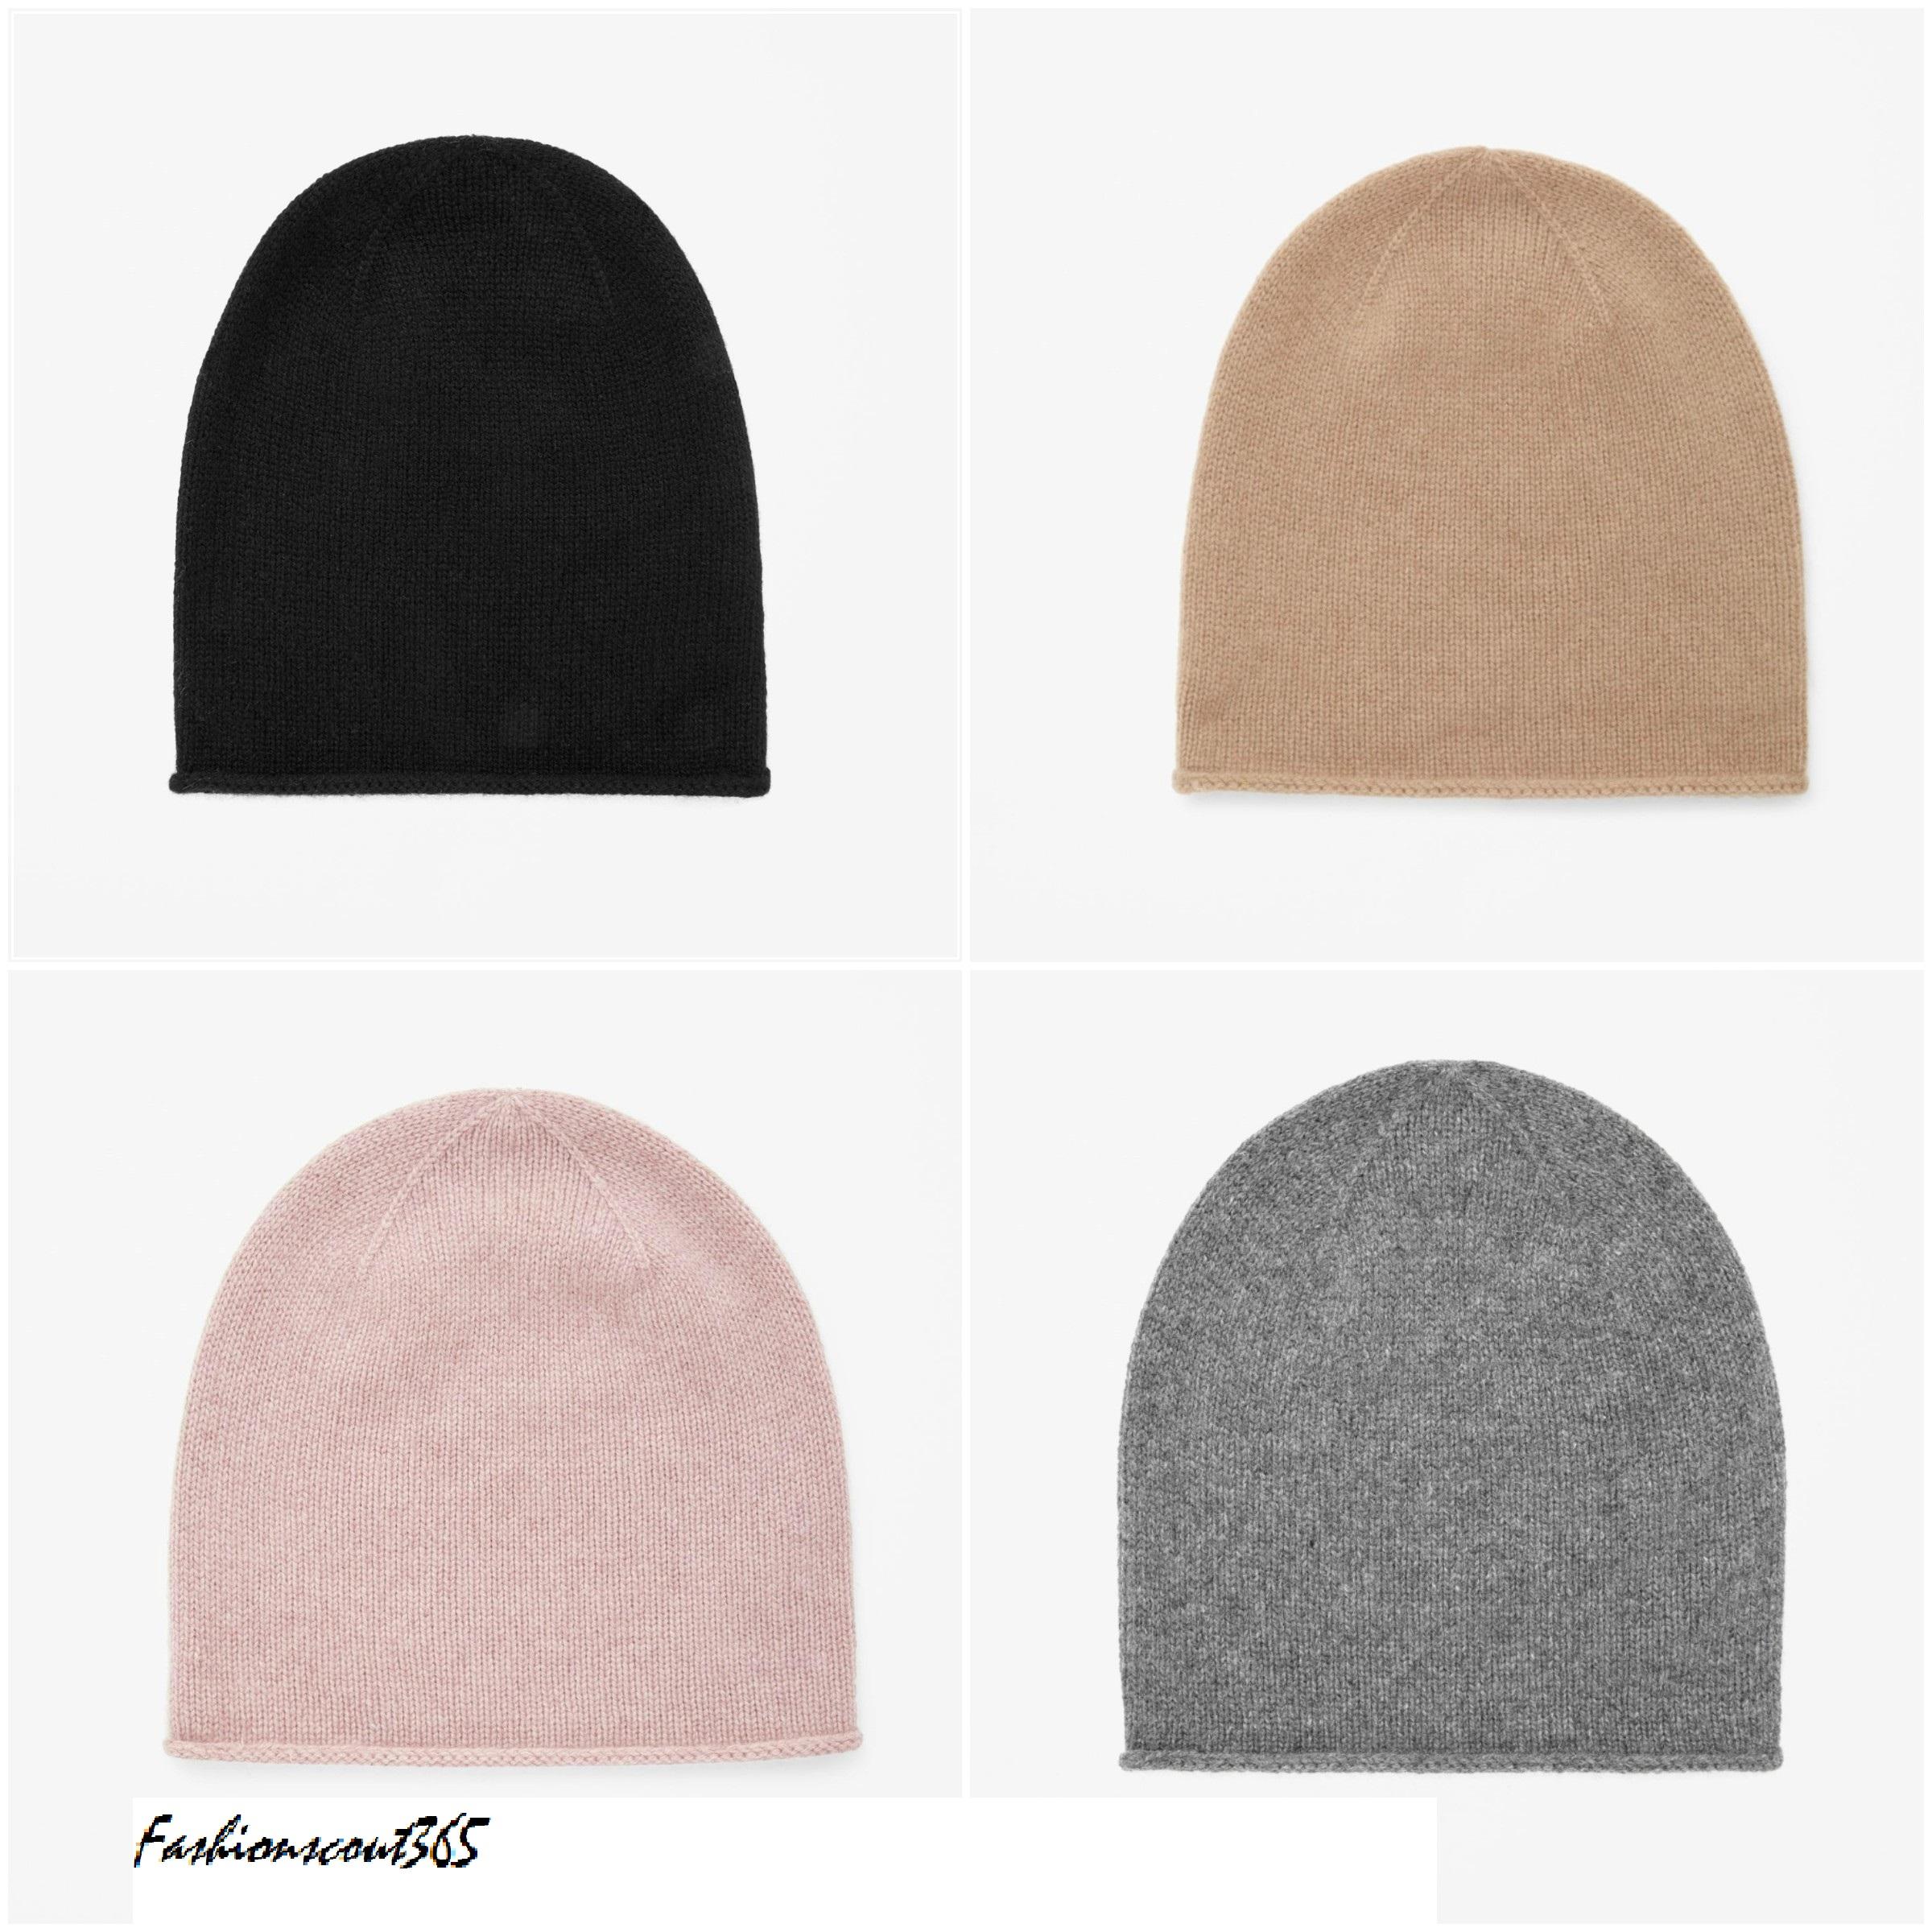 Mütze aus Kaschmir, in unterschiedlichen Farben erhältlich, COS, 39 Euro.